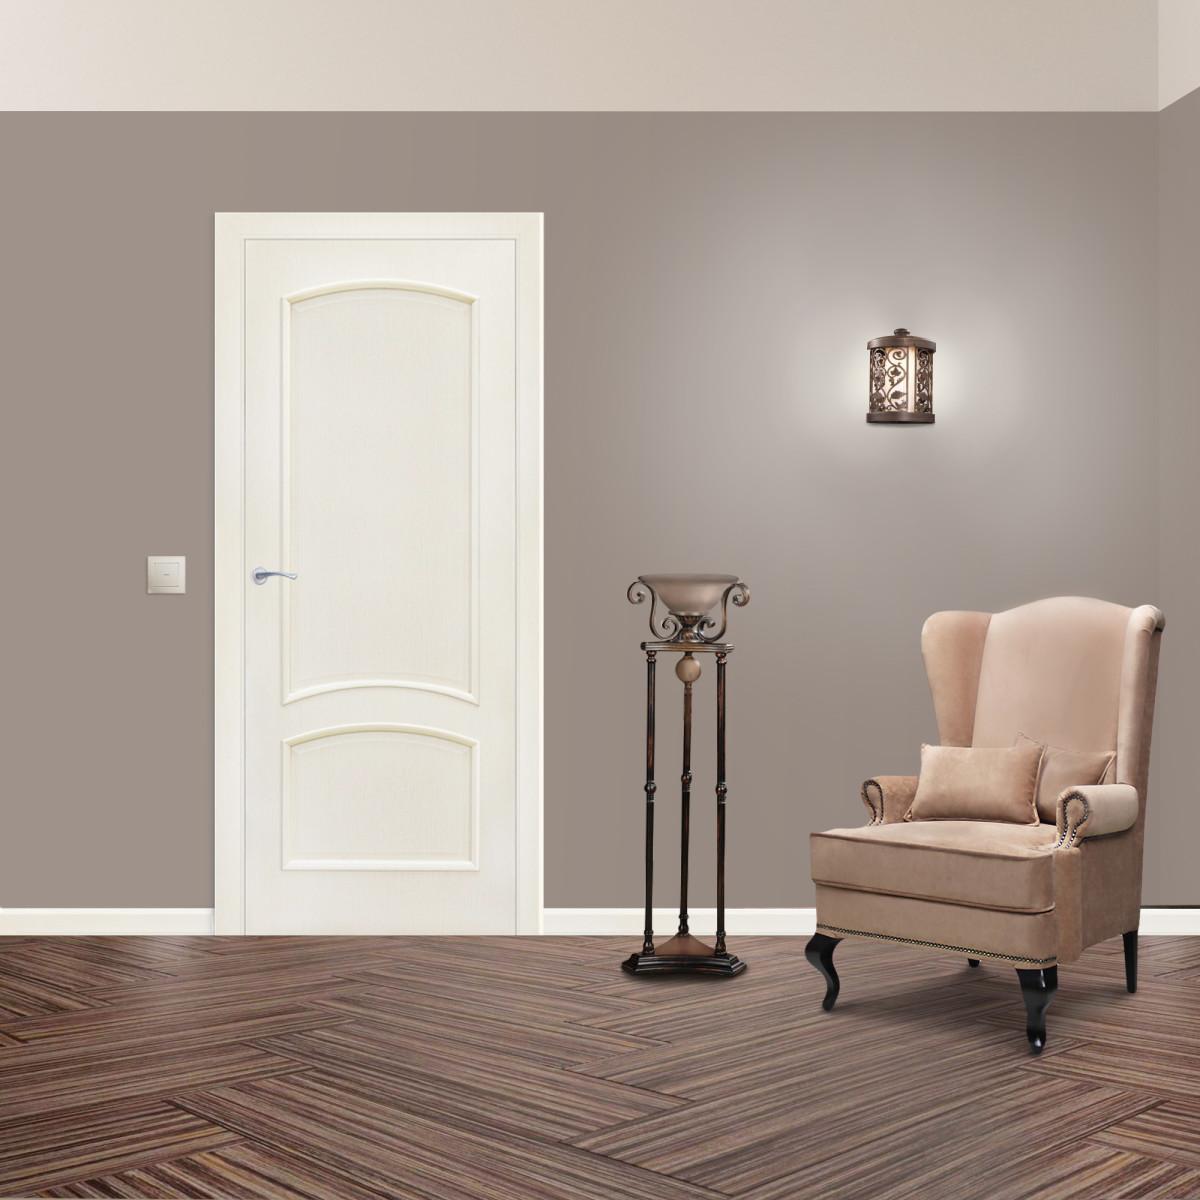 Дверь Межкомнатная Глухая Bravo 60x200 Ламинация Цвет Меланж